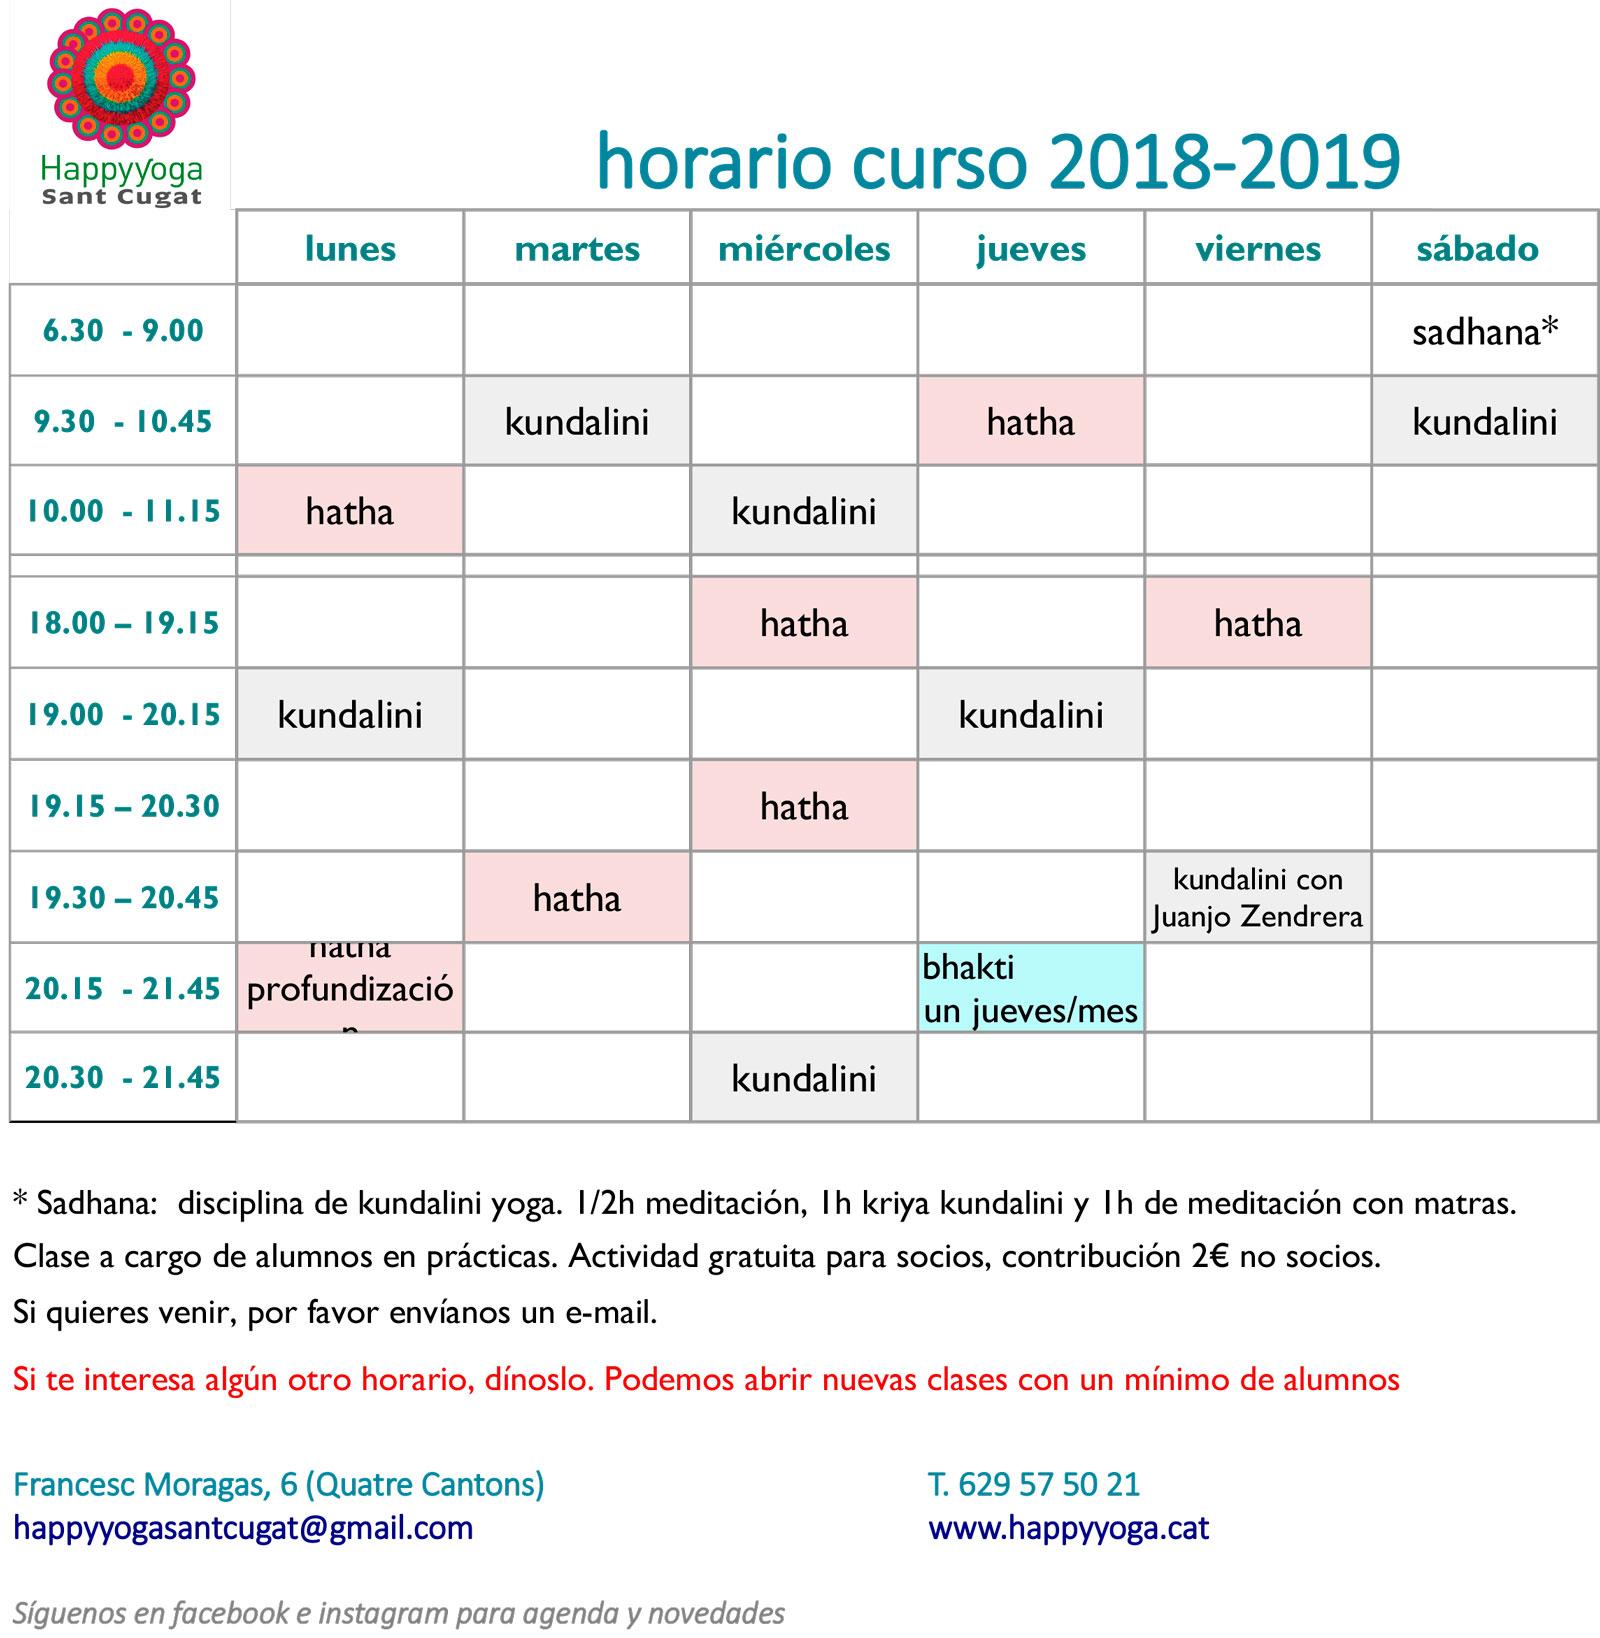 horario-curso-2018-2019-sin-precios